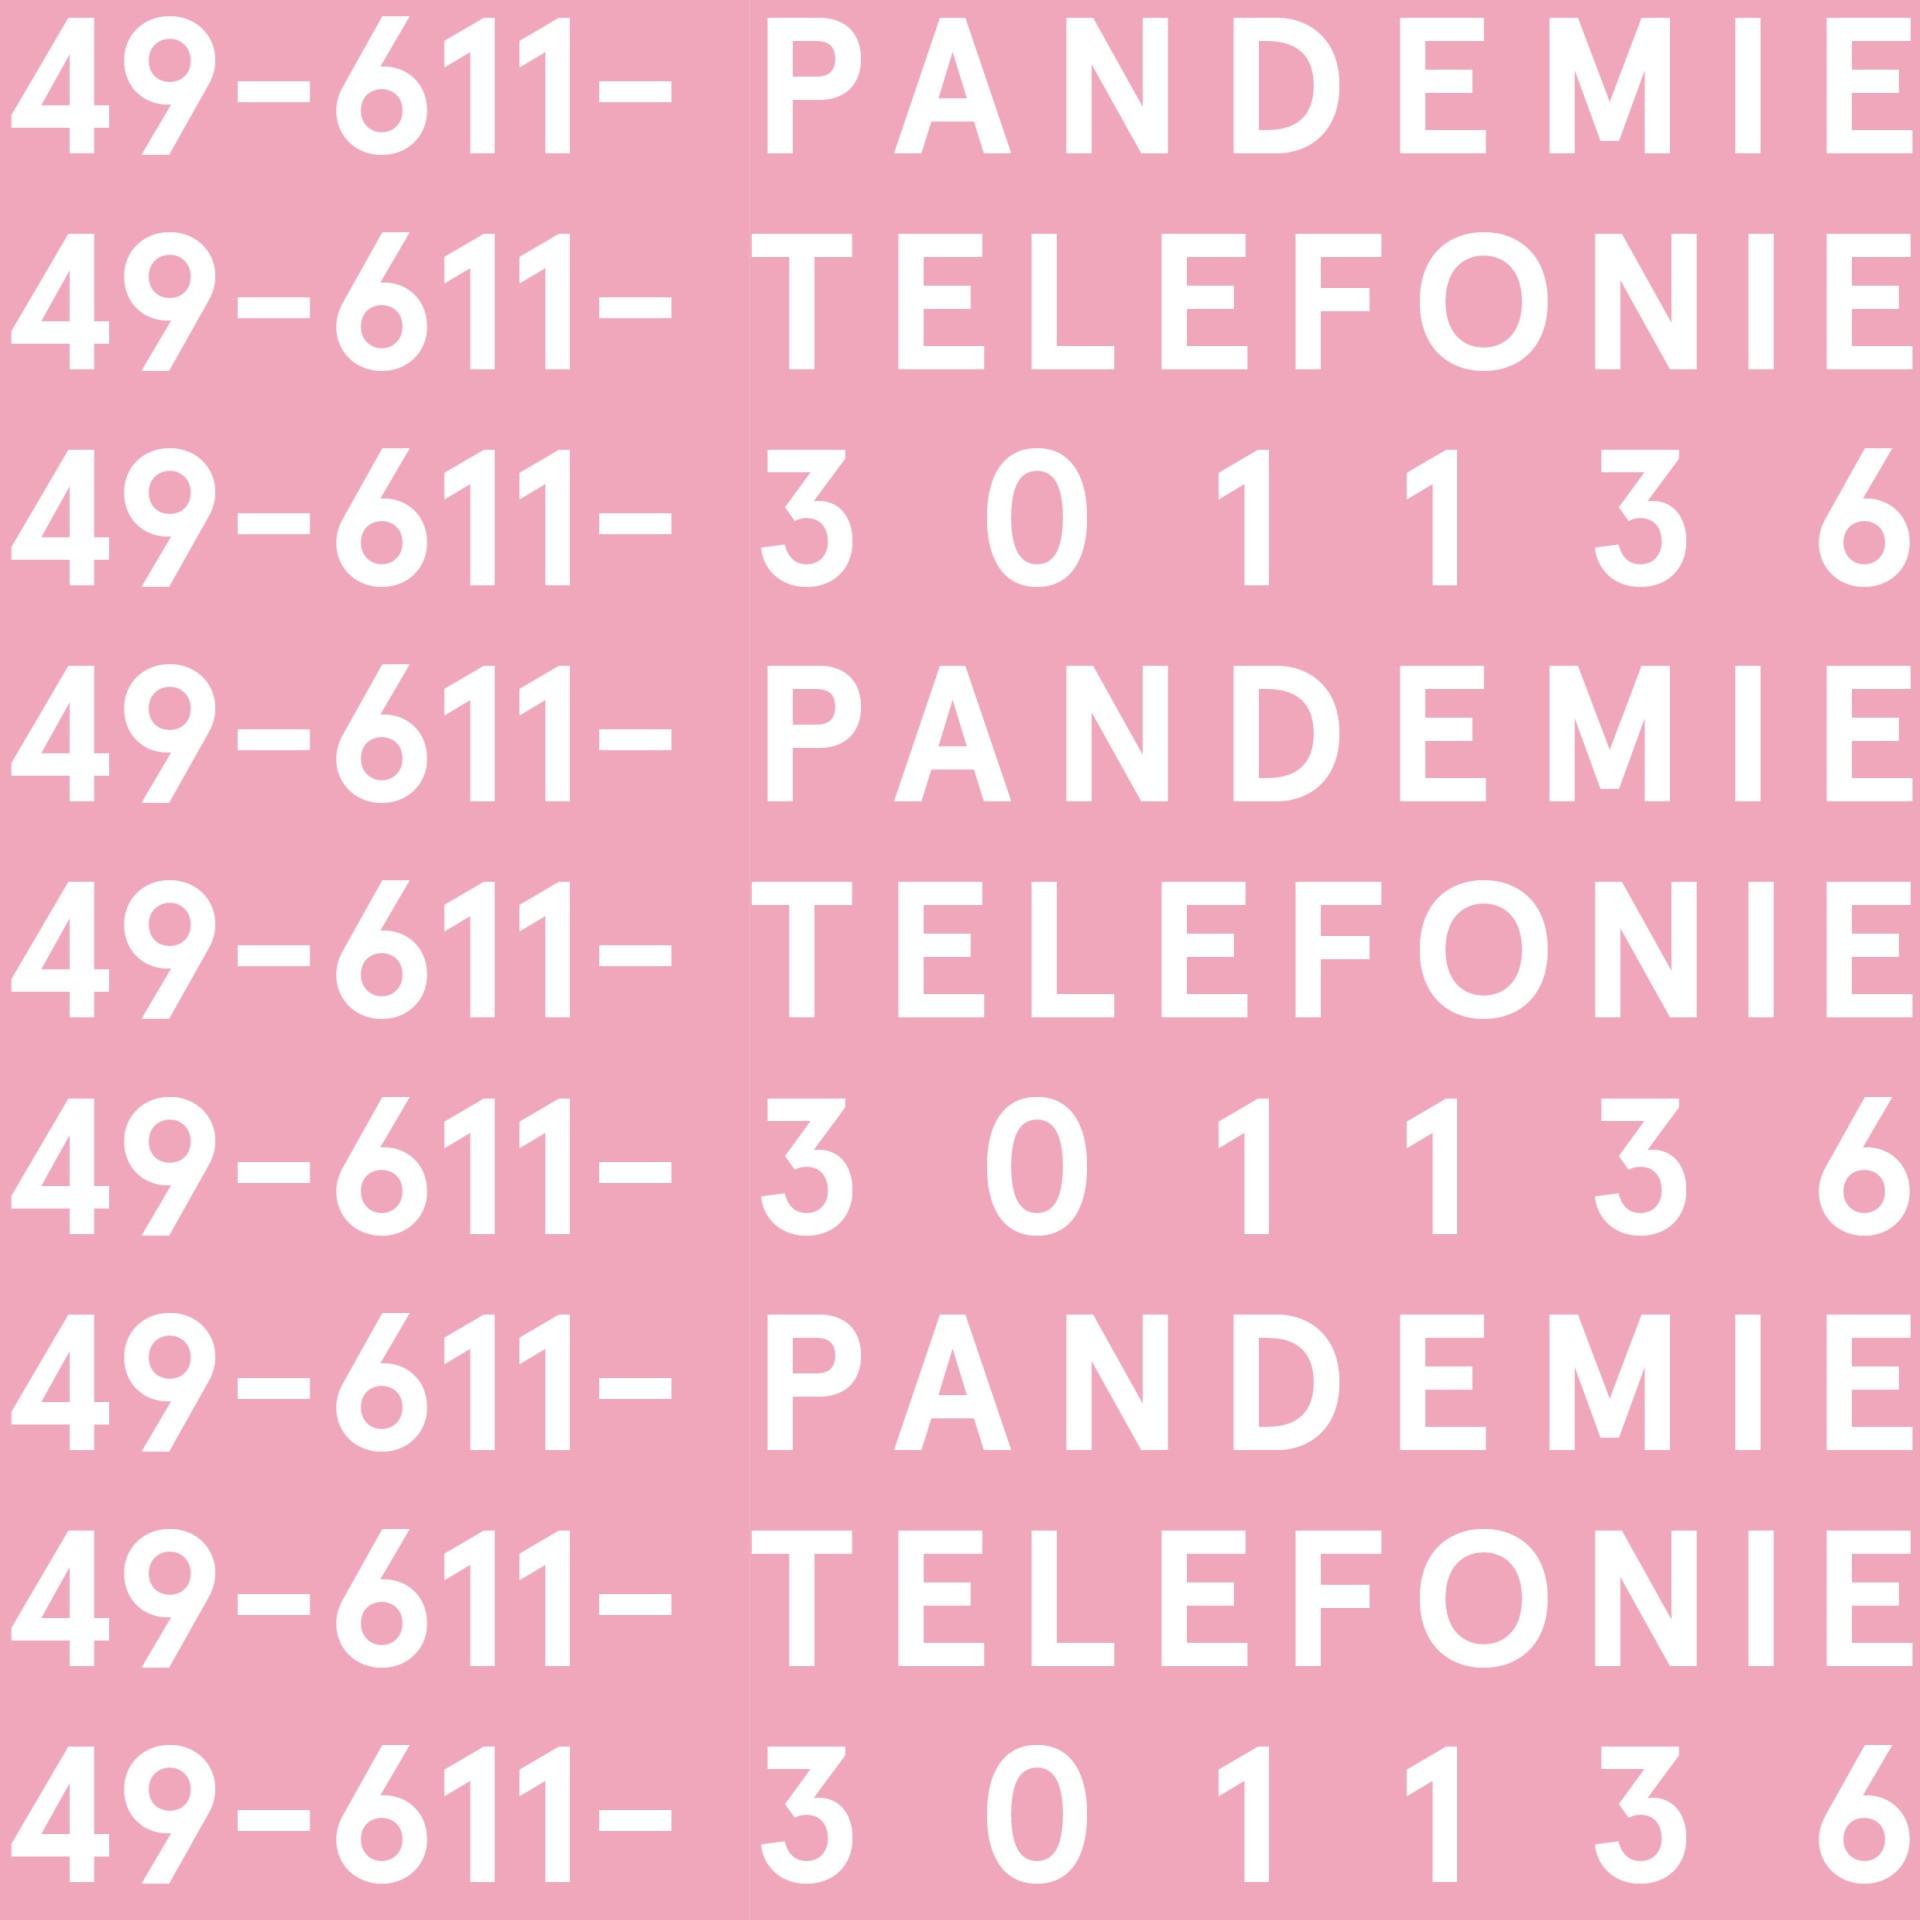 rosa, Pandemie-Telefonie, Schrift, Buchstaben, Zahlen